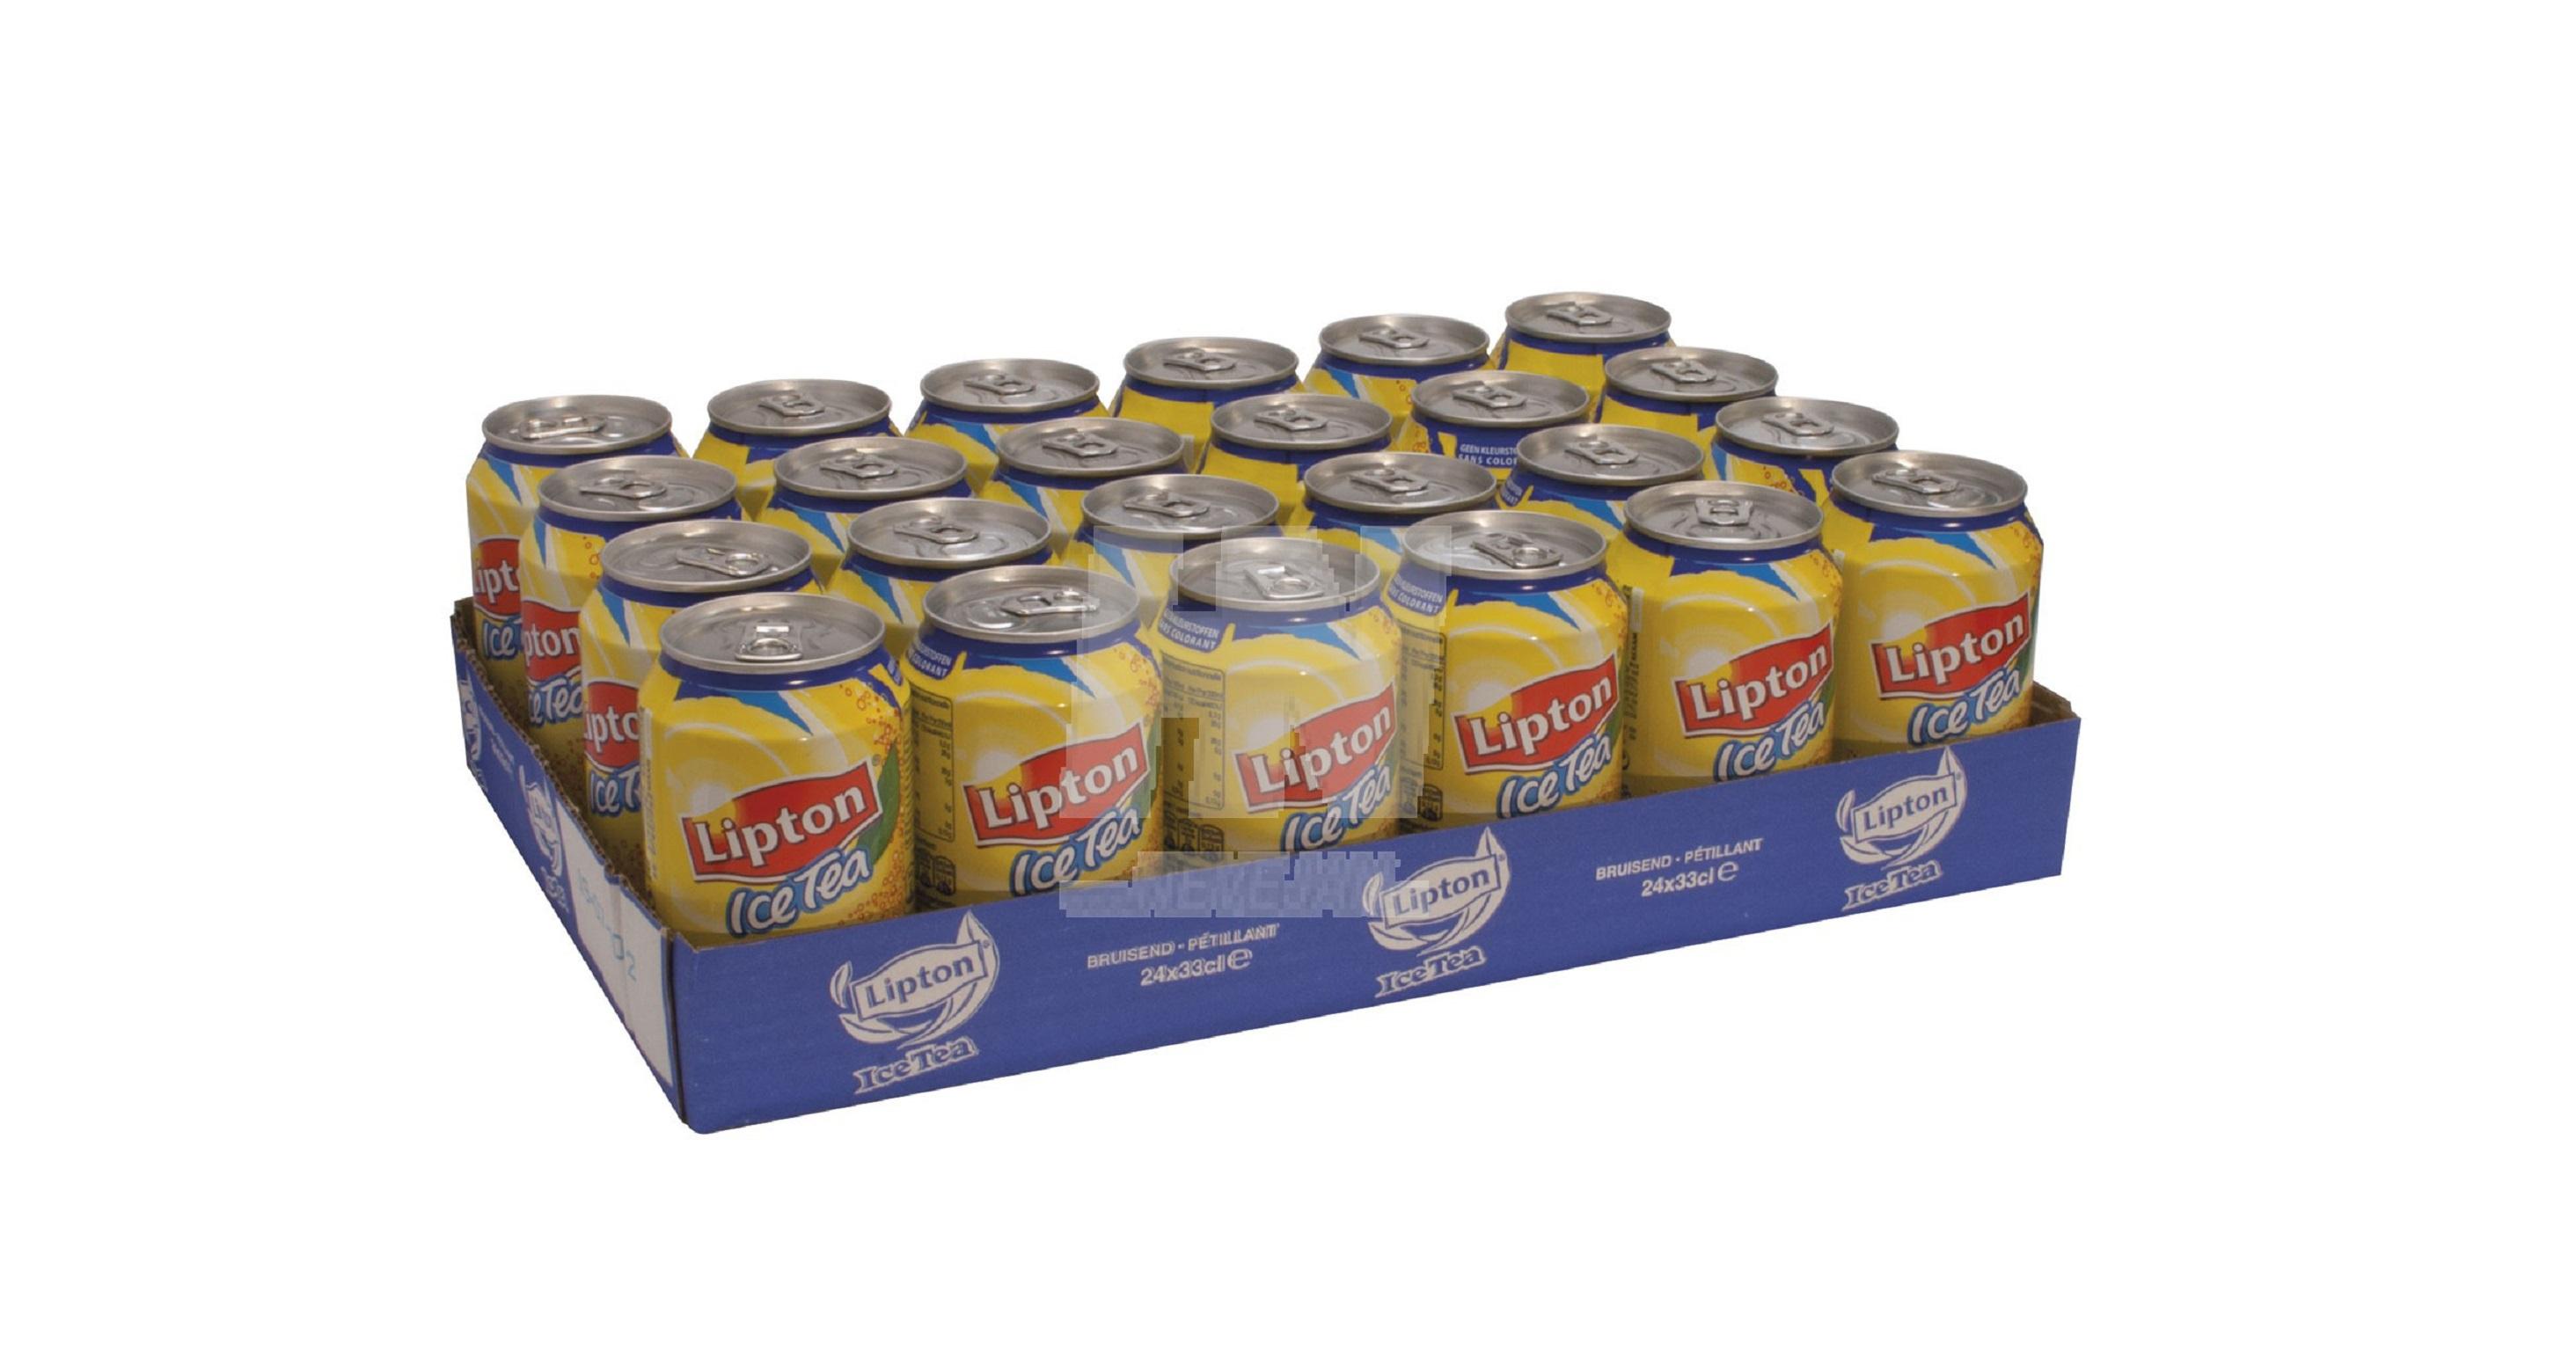 Lipton Photos